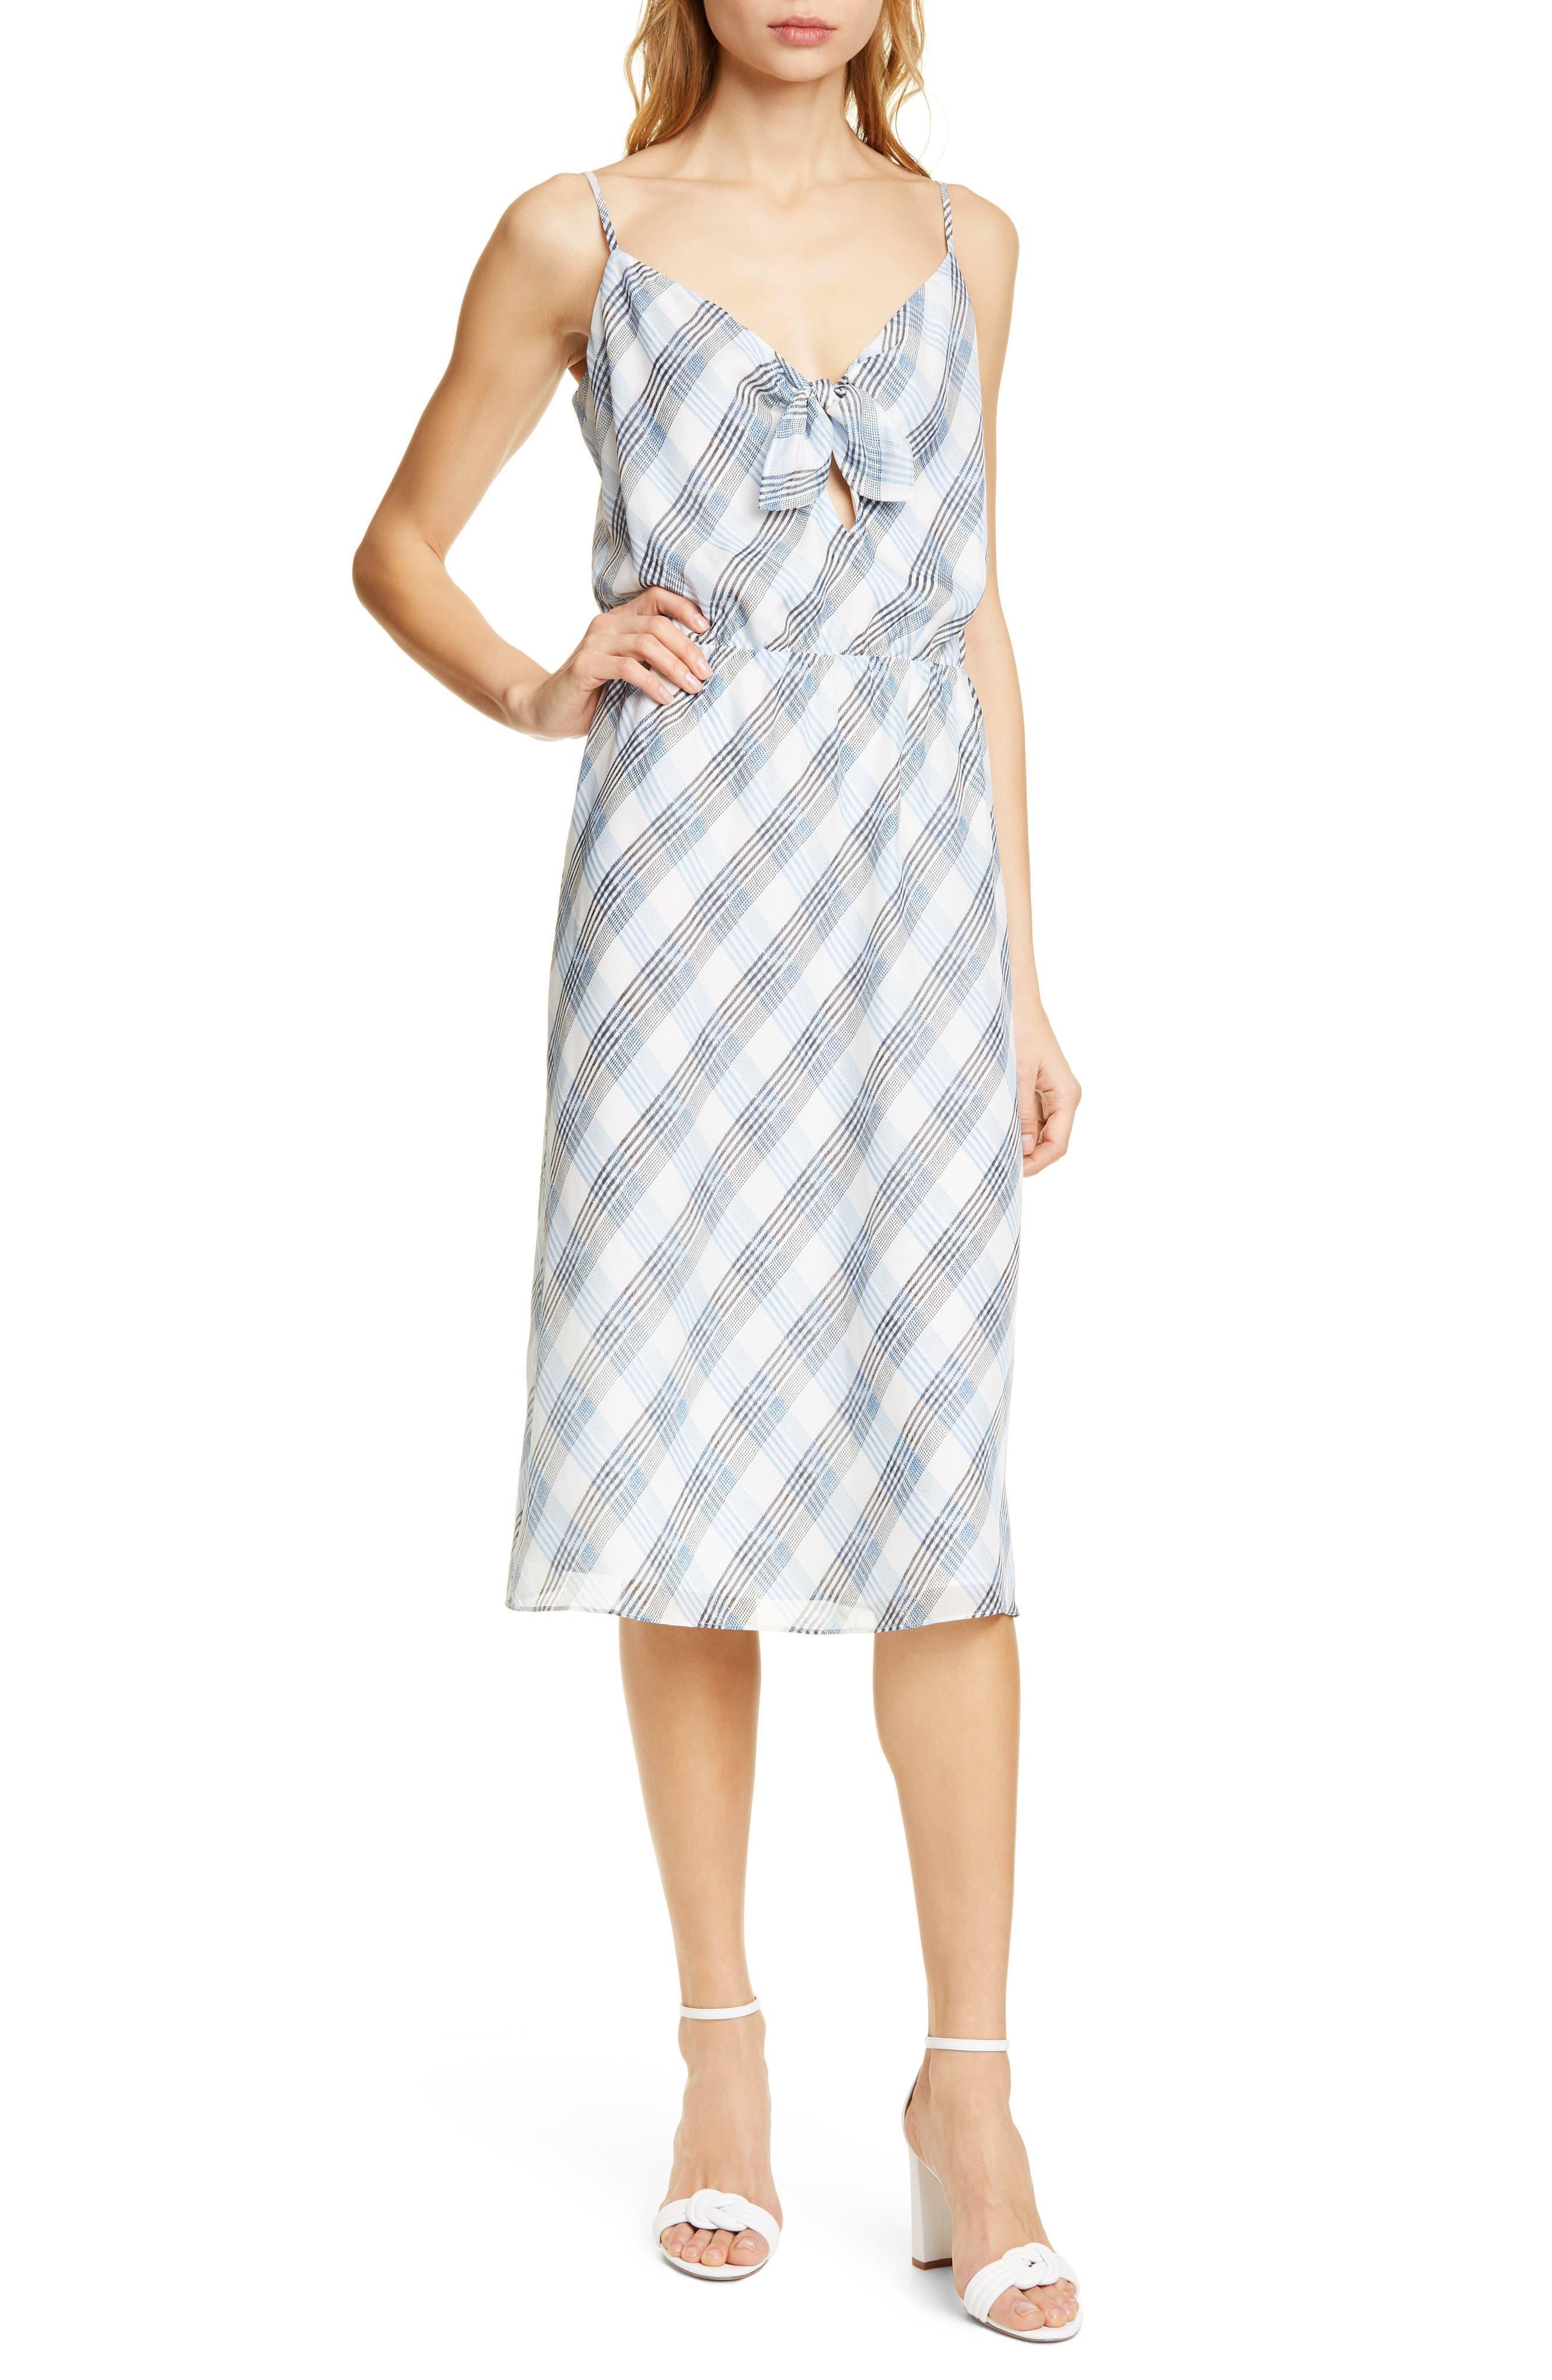 Joie Abiah Front Tie Silk Dress, Ivory